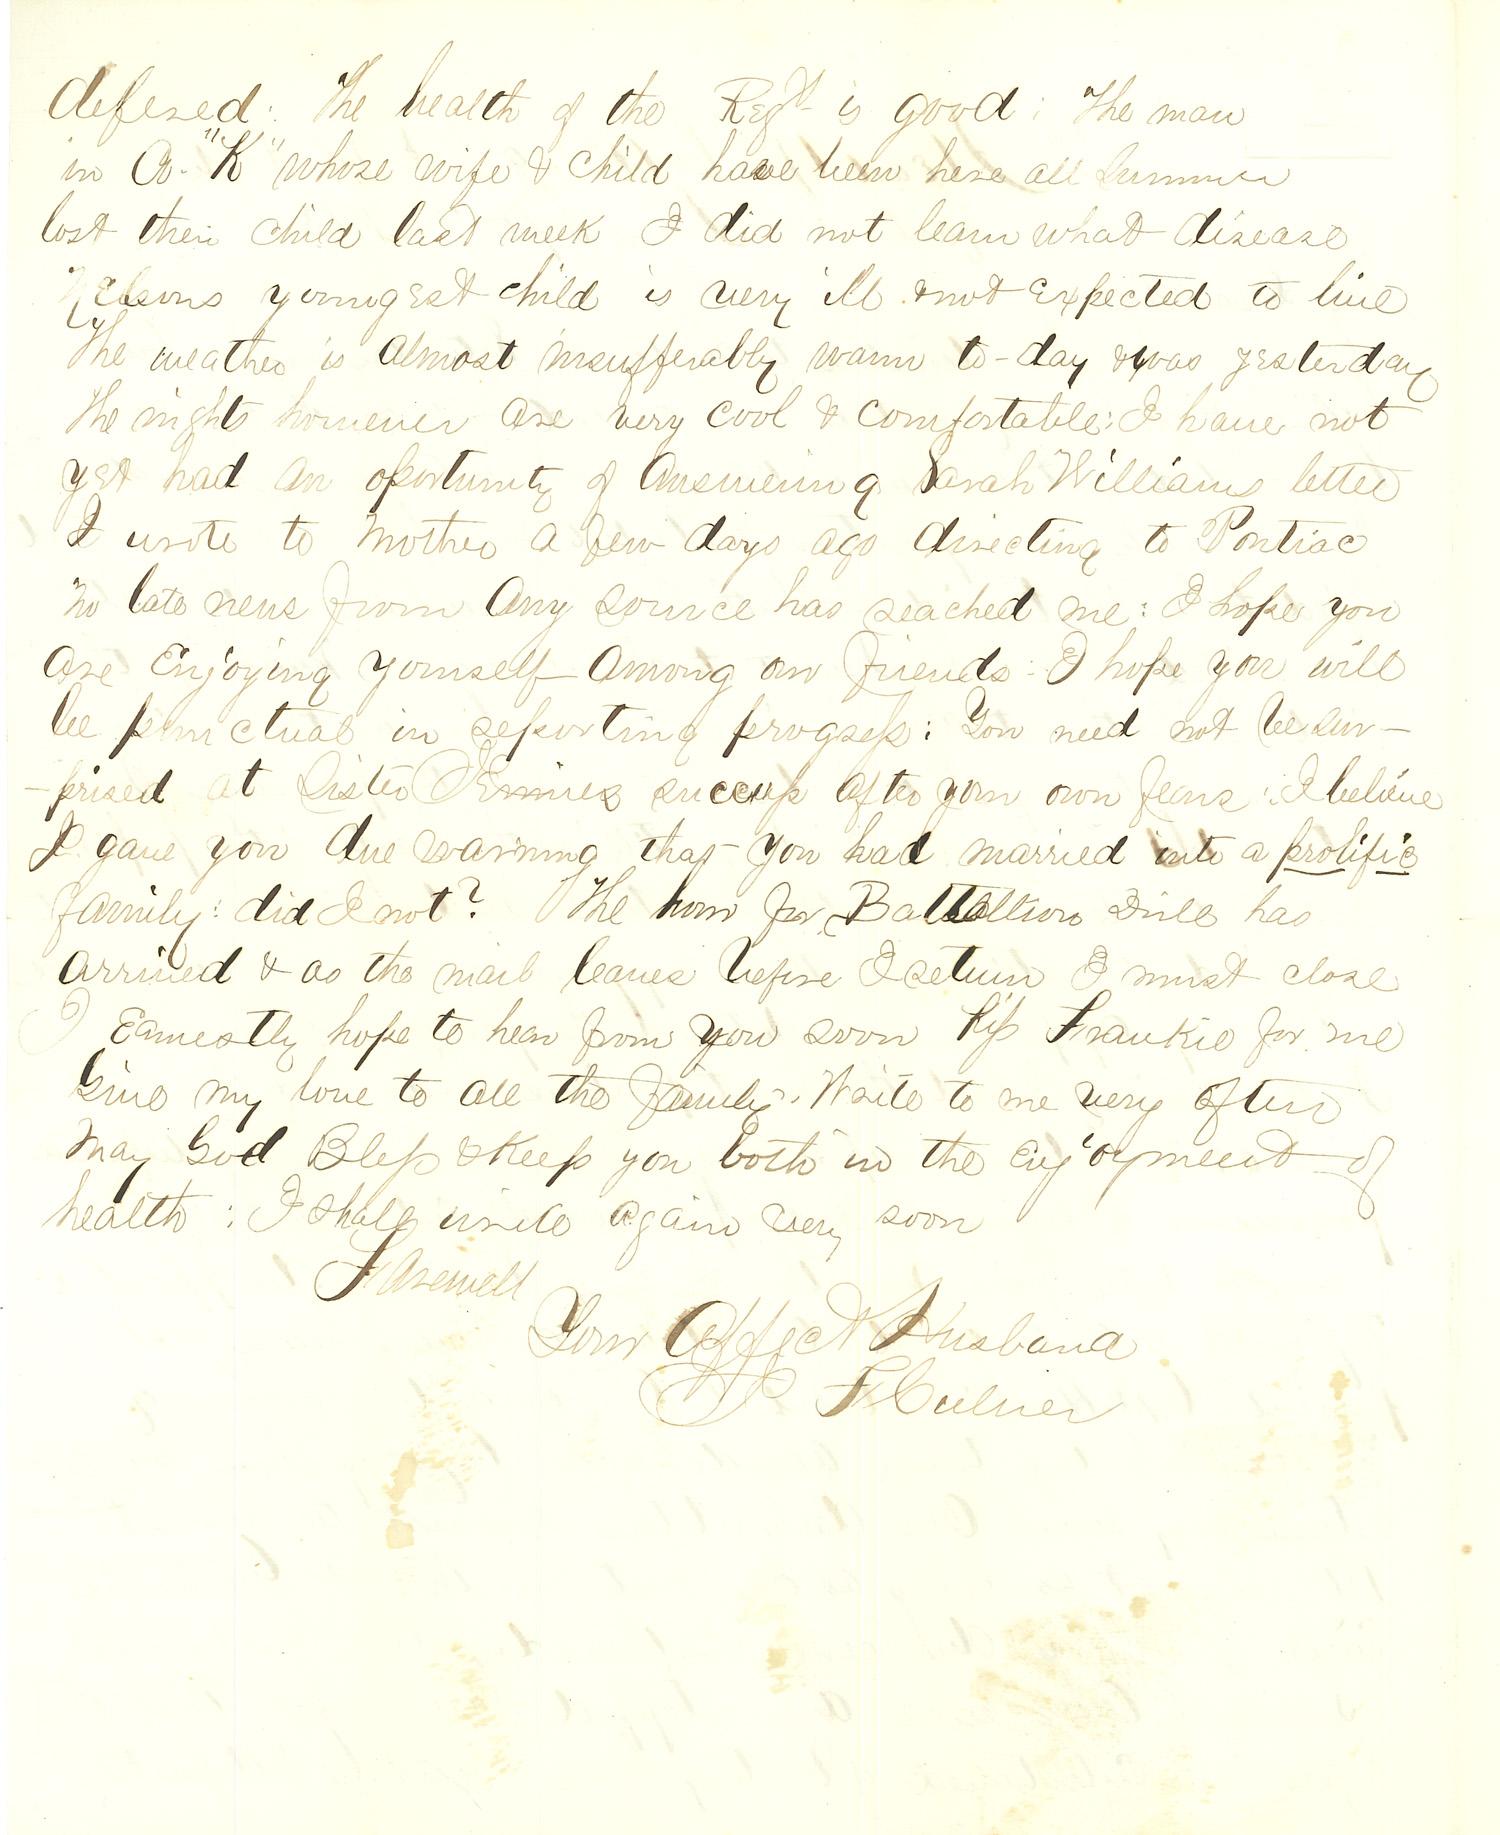 Joseph Culver Letter, September 7, 1863, Letter 2, Page 2